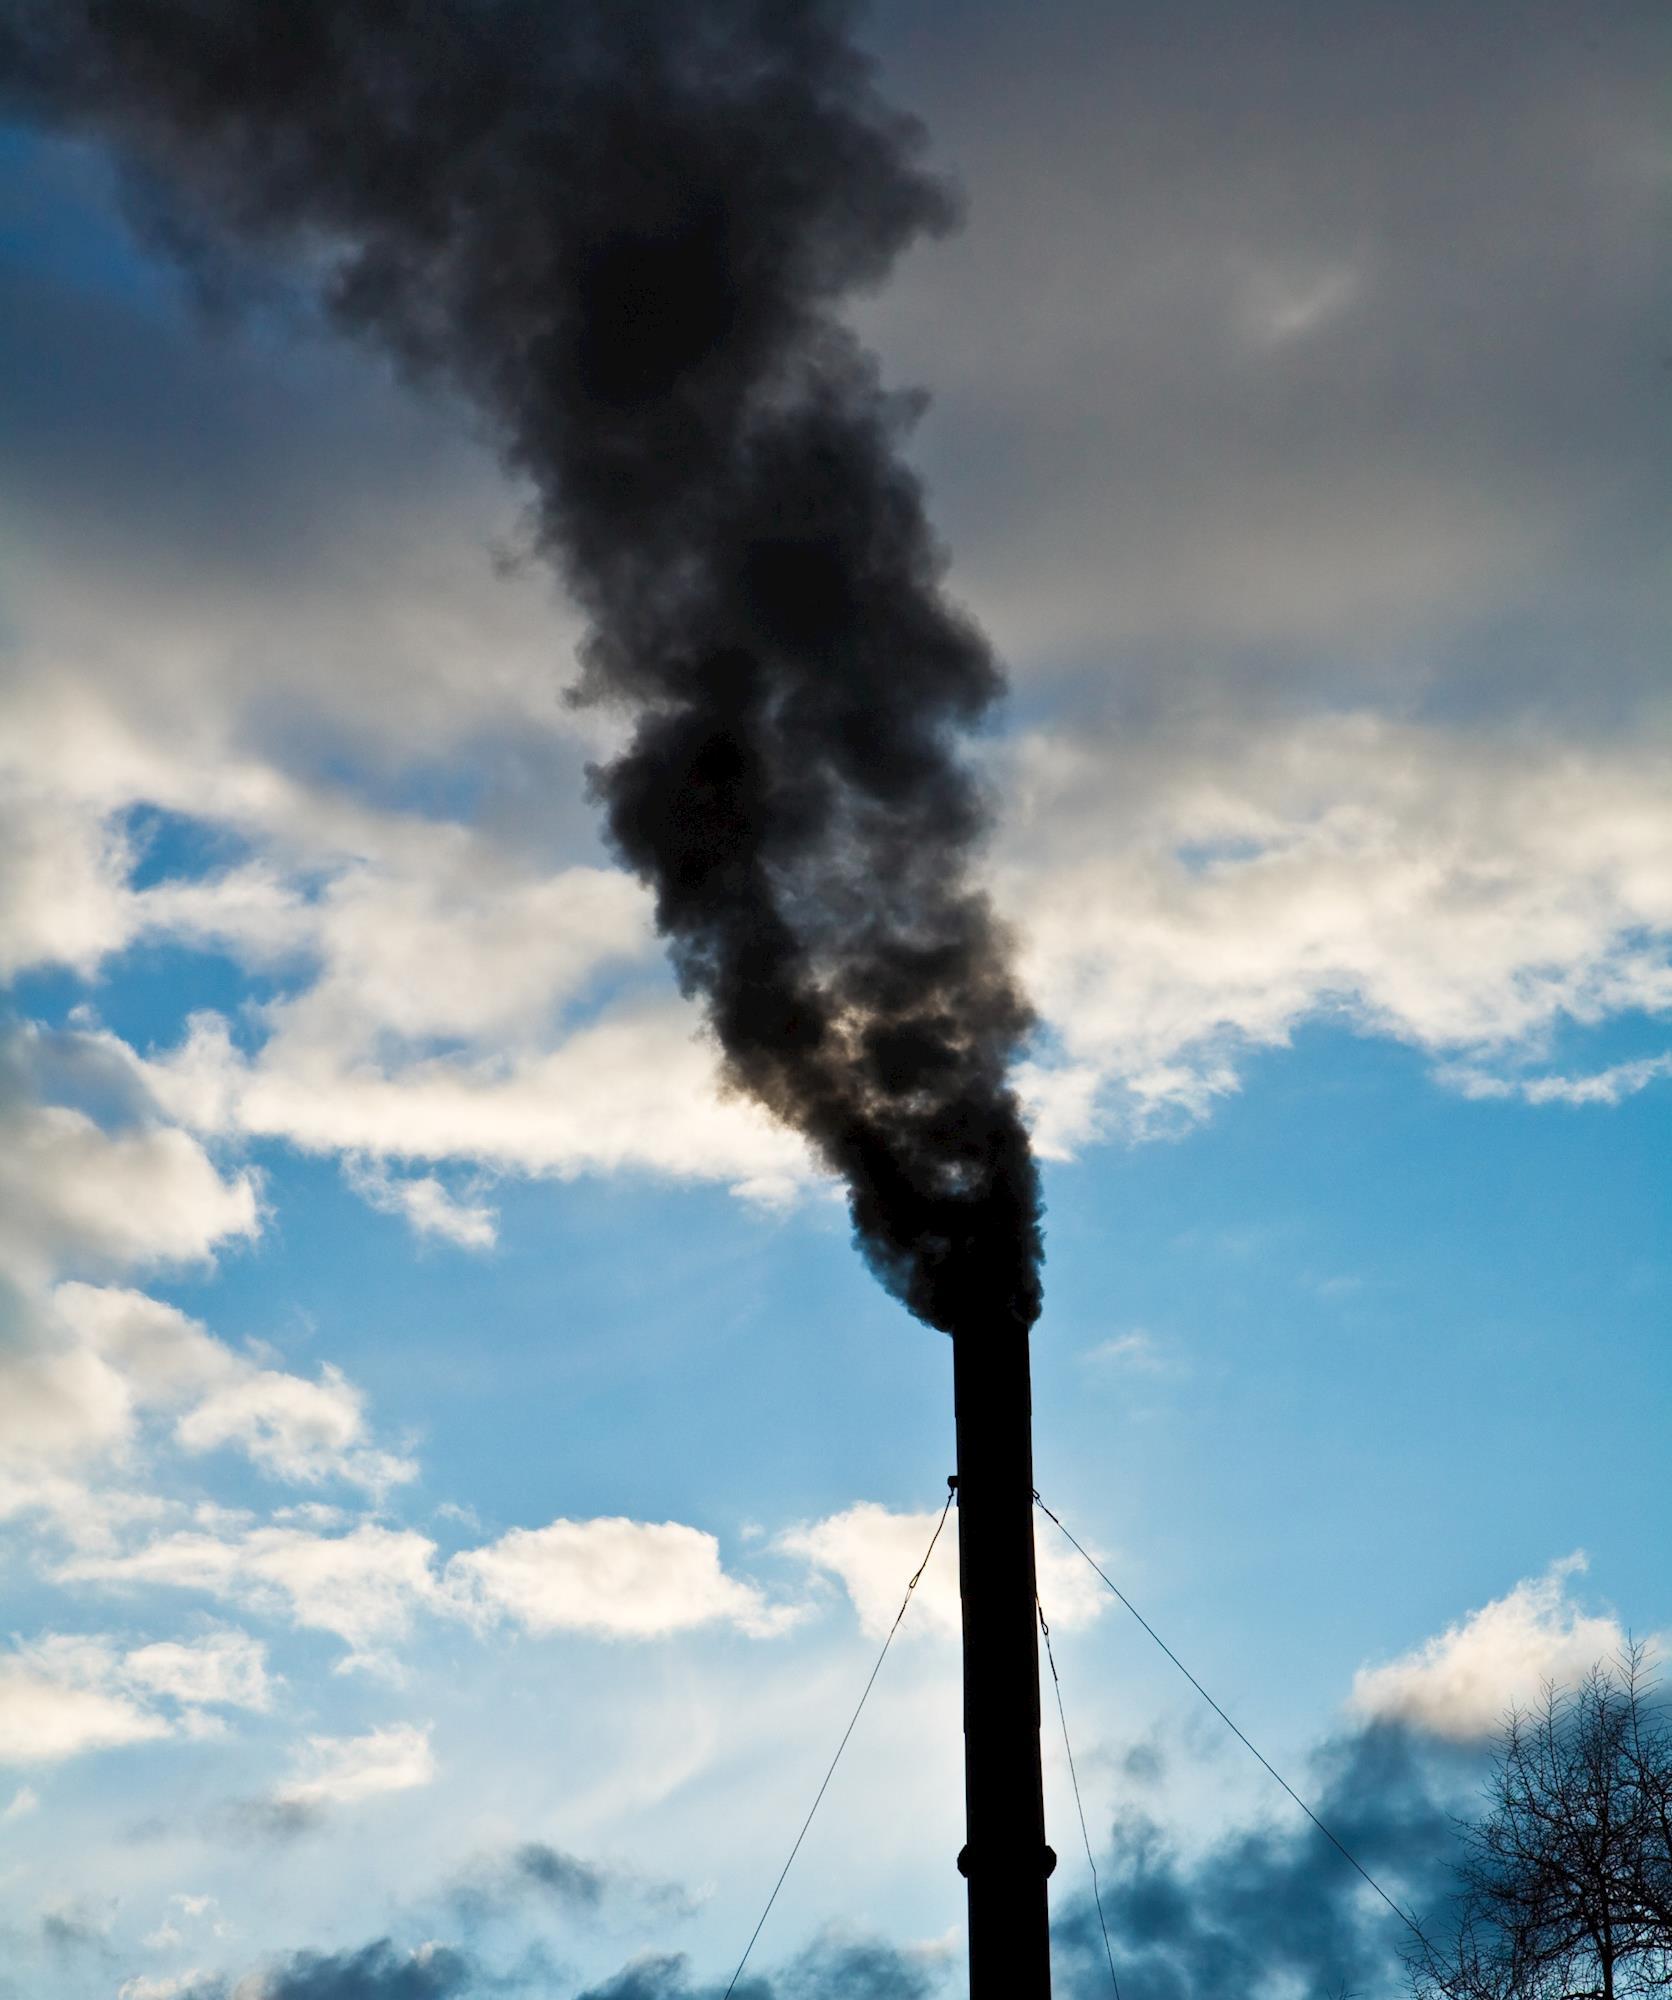 Wilson Sons publica inventário de emissões de gases de 2017